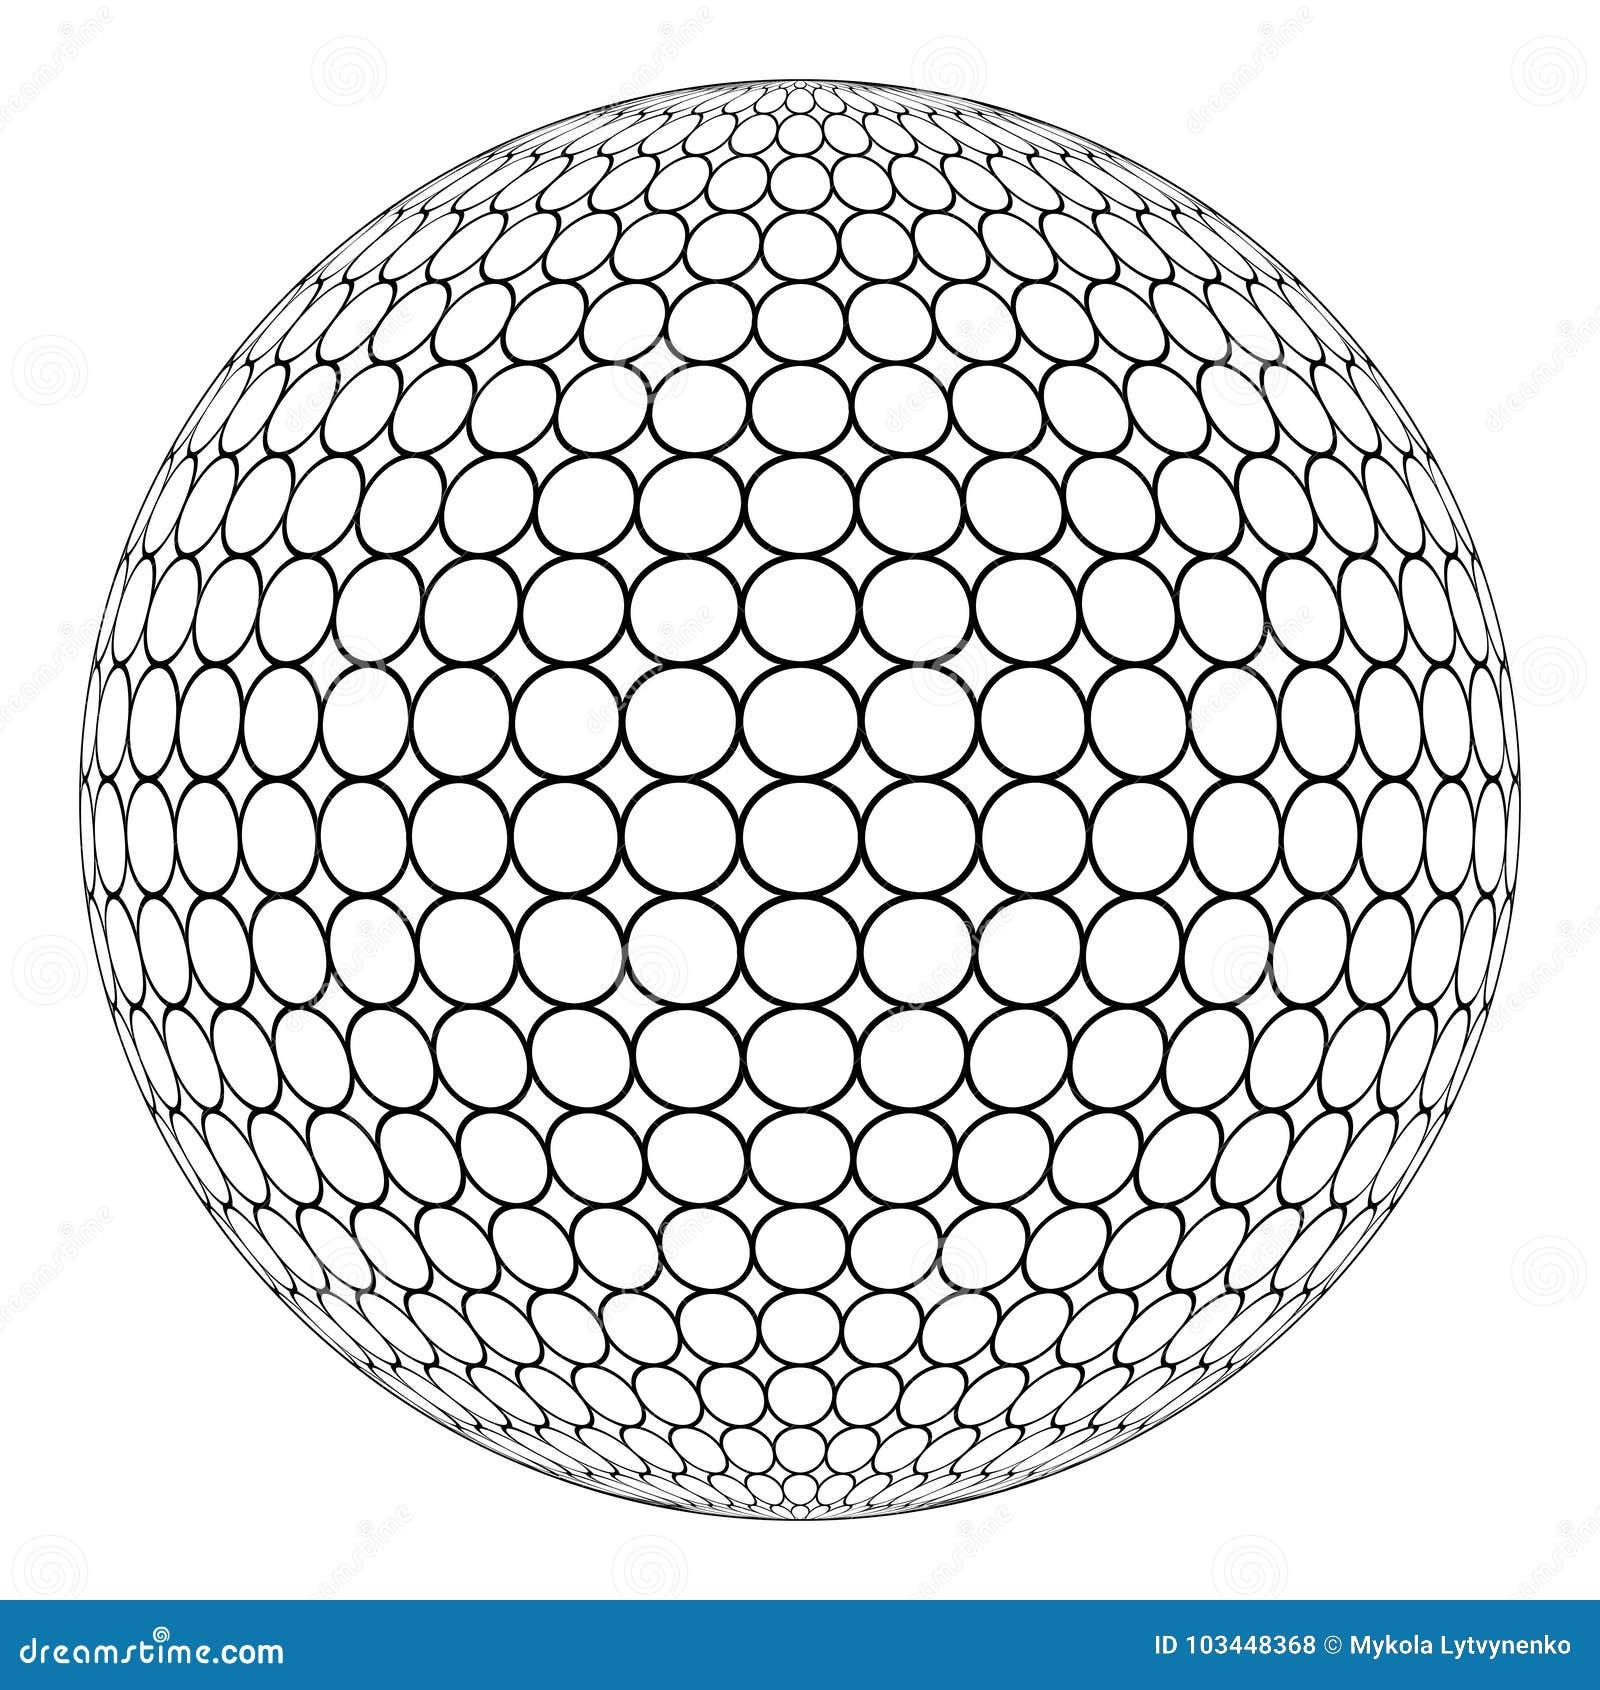 Bol 3D gebied met ringsnetwerk op de oppervlakte, vector van de ronde structuur van het gebied